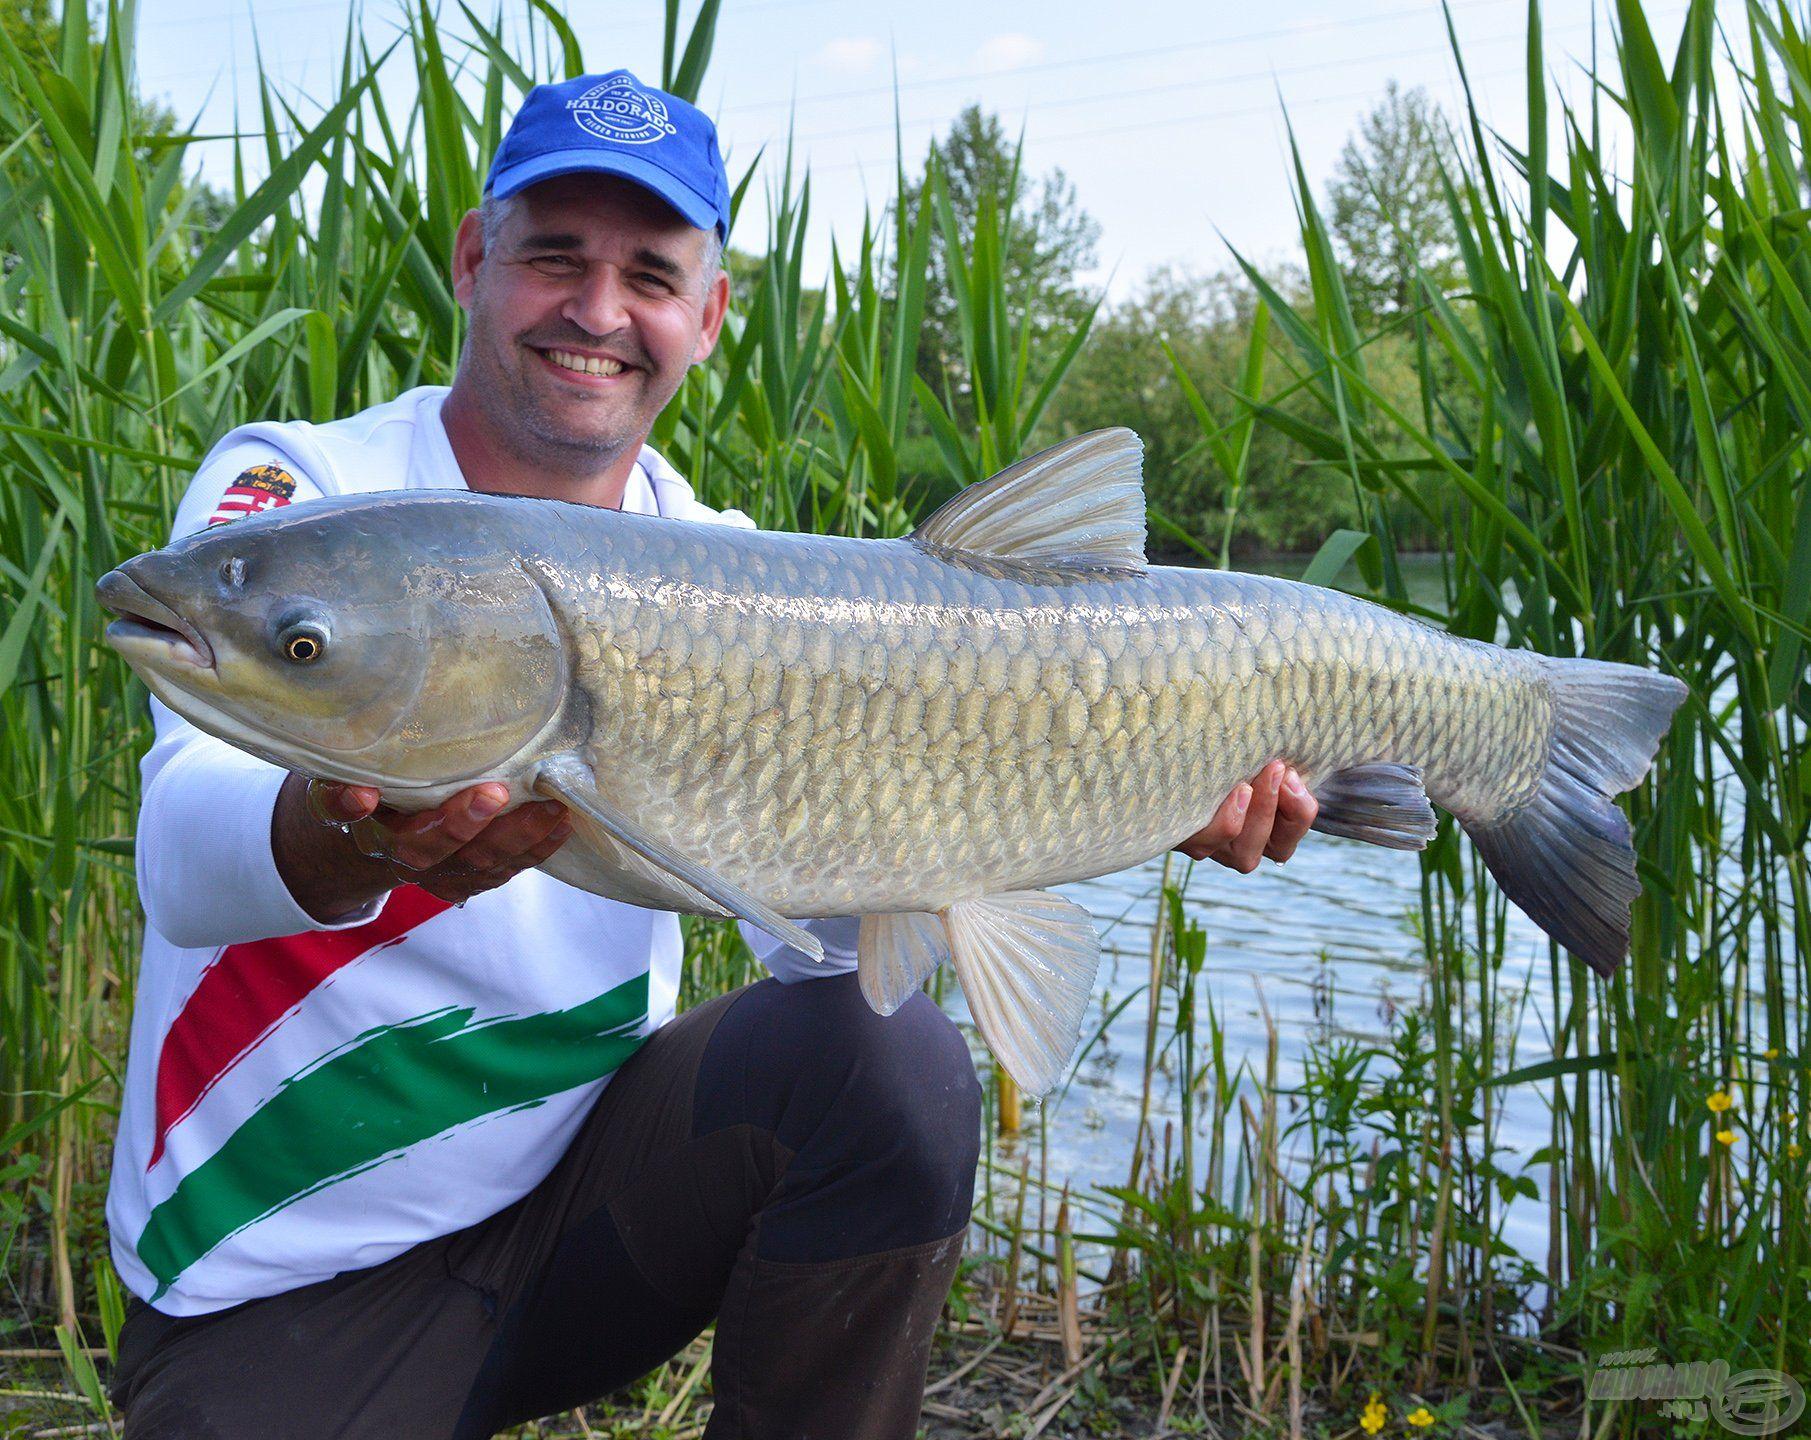 Sipinek is gyönyörű halakat tartogatott a tó mindjárt az elő találkozás során!